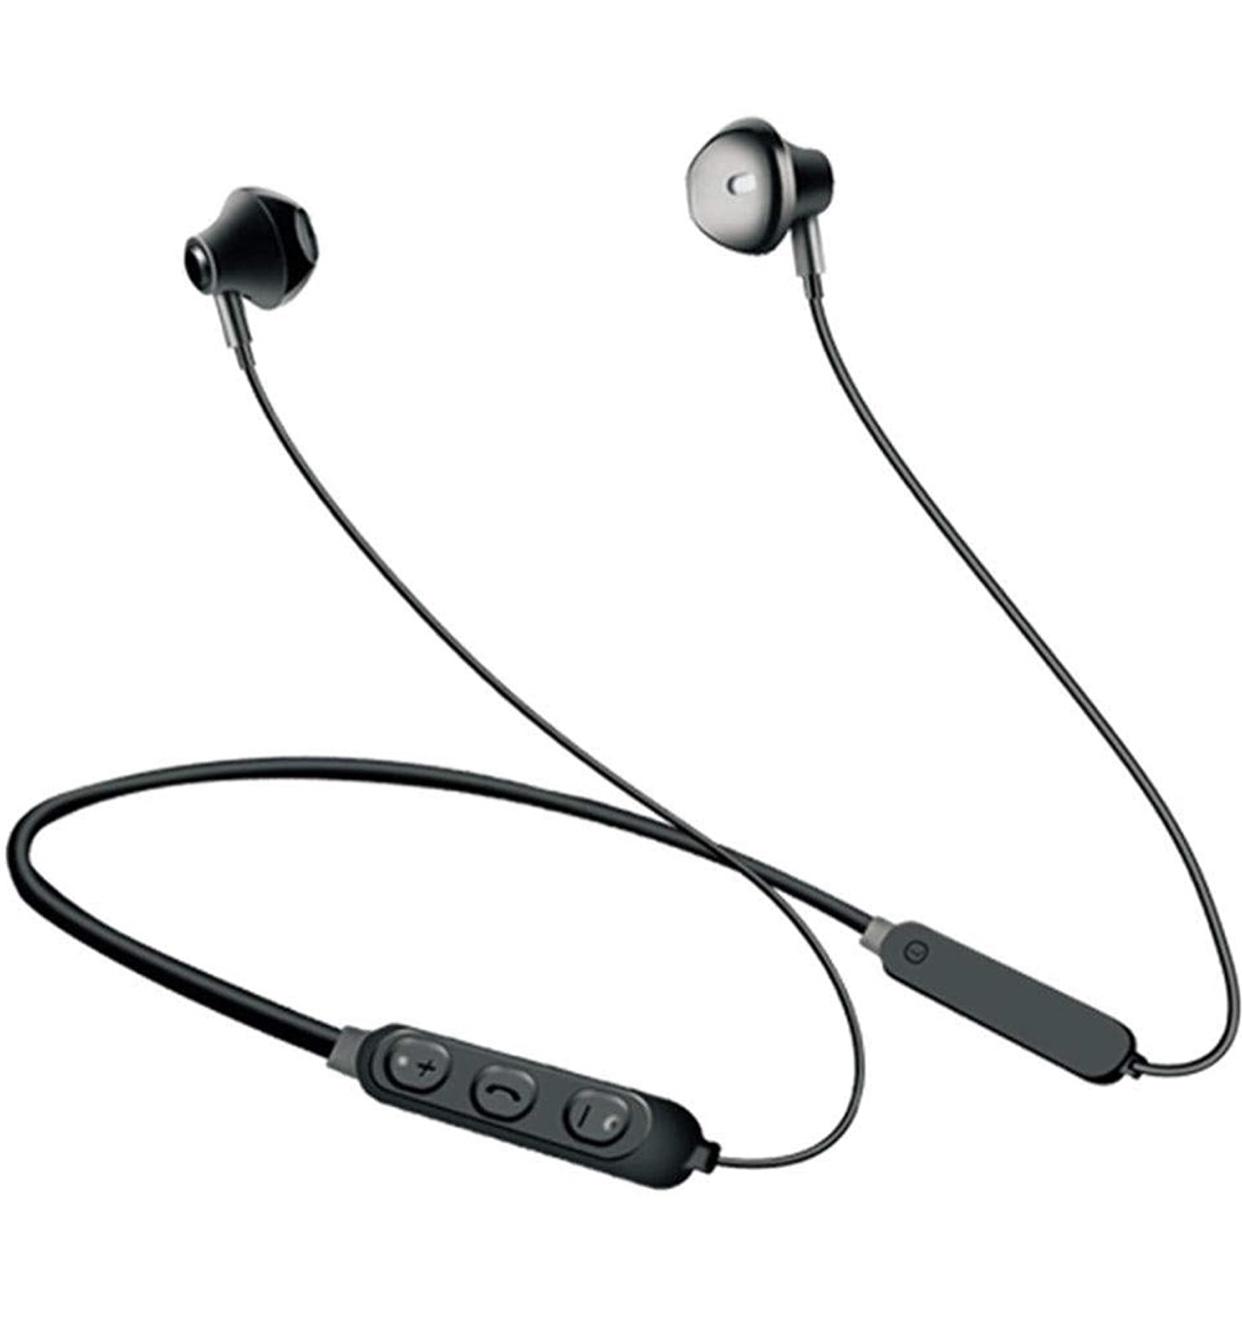 イヤホン 首かけ Bluetooth ワイヤレスイヤホン ブラック ワイヤレス スポーツ ウォーキング 運動 ながら 在宅ワーク 送料無料 イヤホン Bluetooth ワイヤレス ワイヤレスイヤホン ブラック ワイヤレス スポーツ ウォーキング 運動 ながら 在宅ワーク 首掛け 送料無料